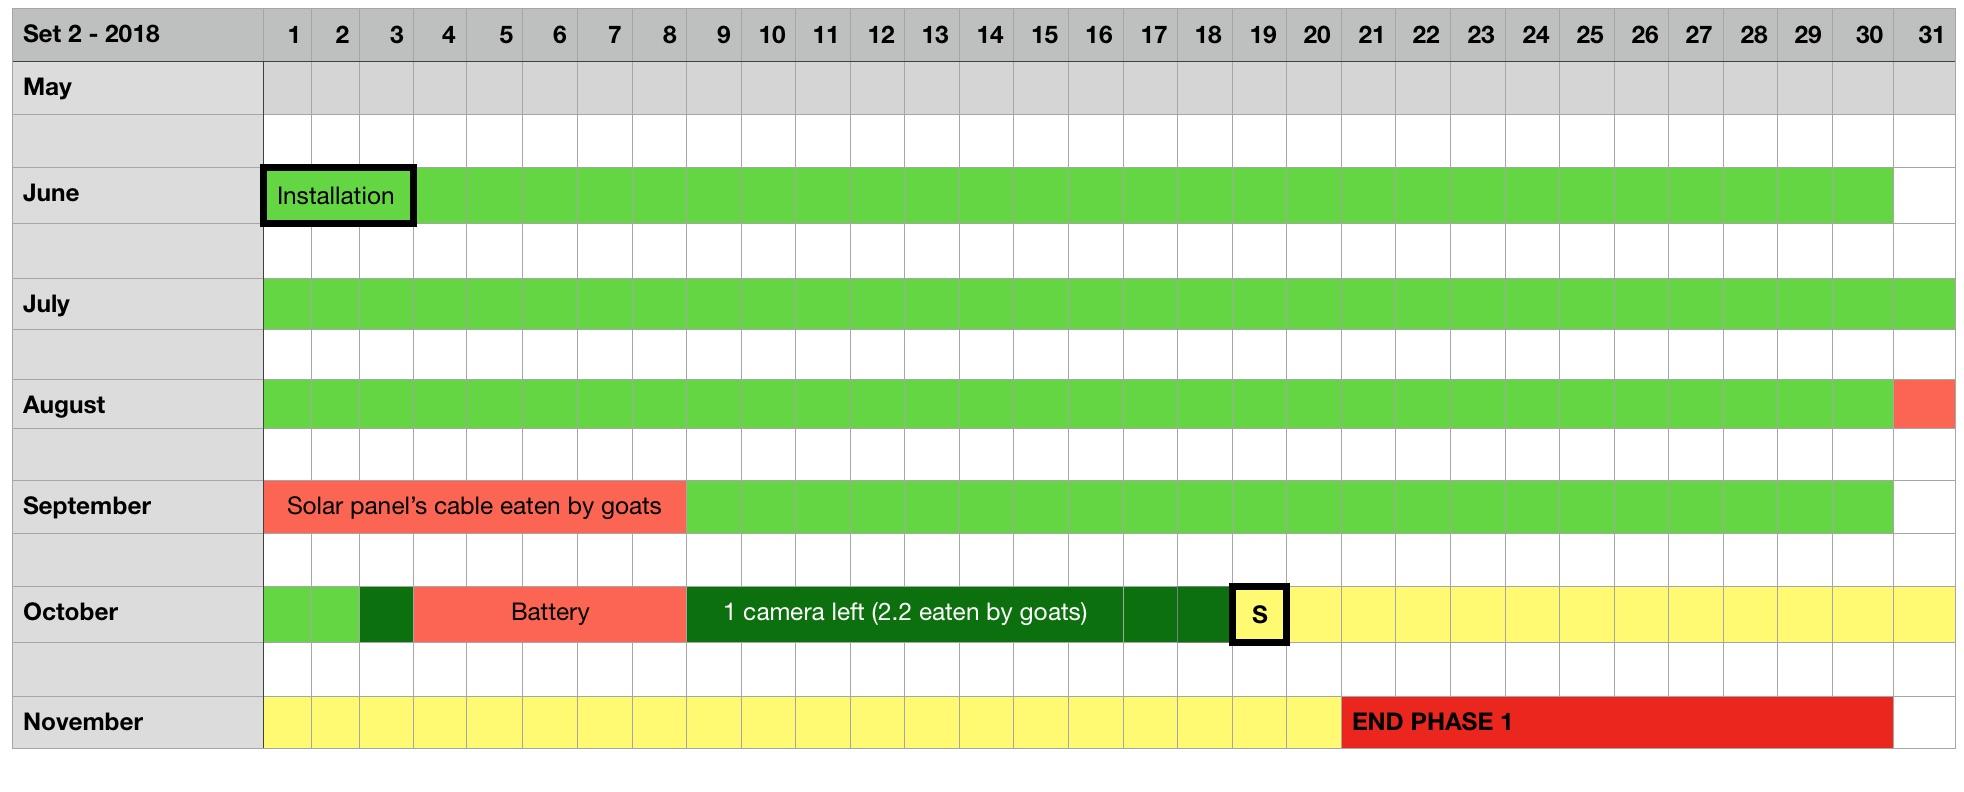 Résultats des 6 mois de test du SET 2 © Octopus Foundation